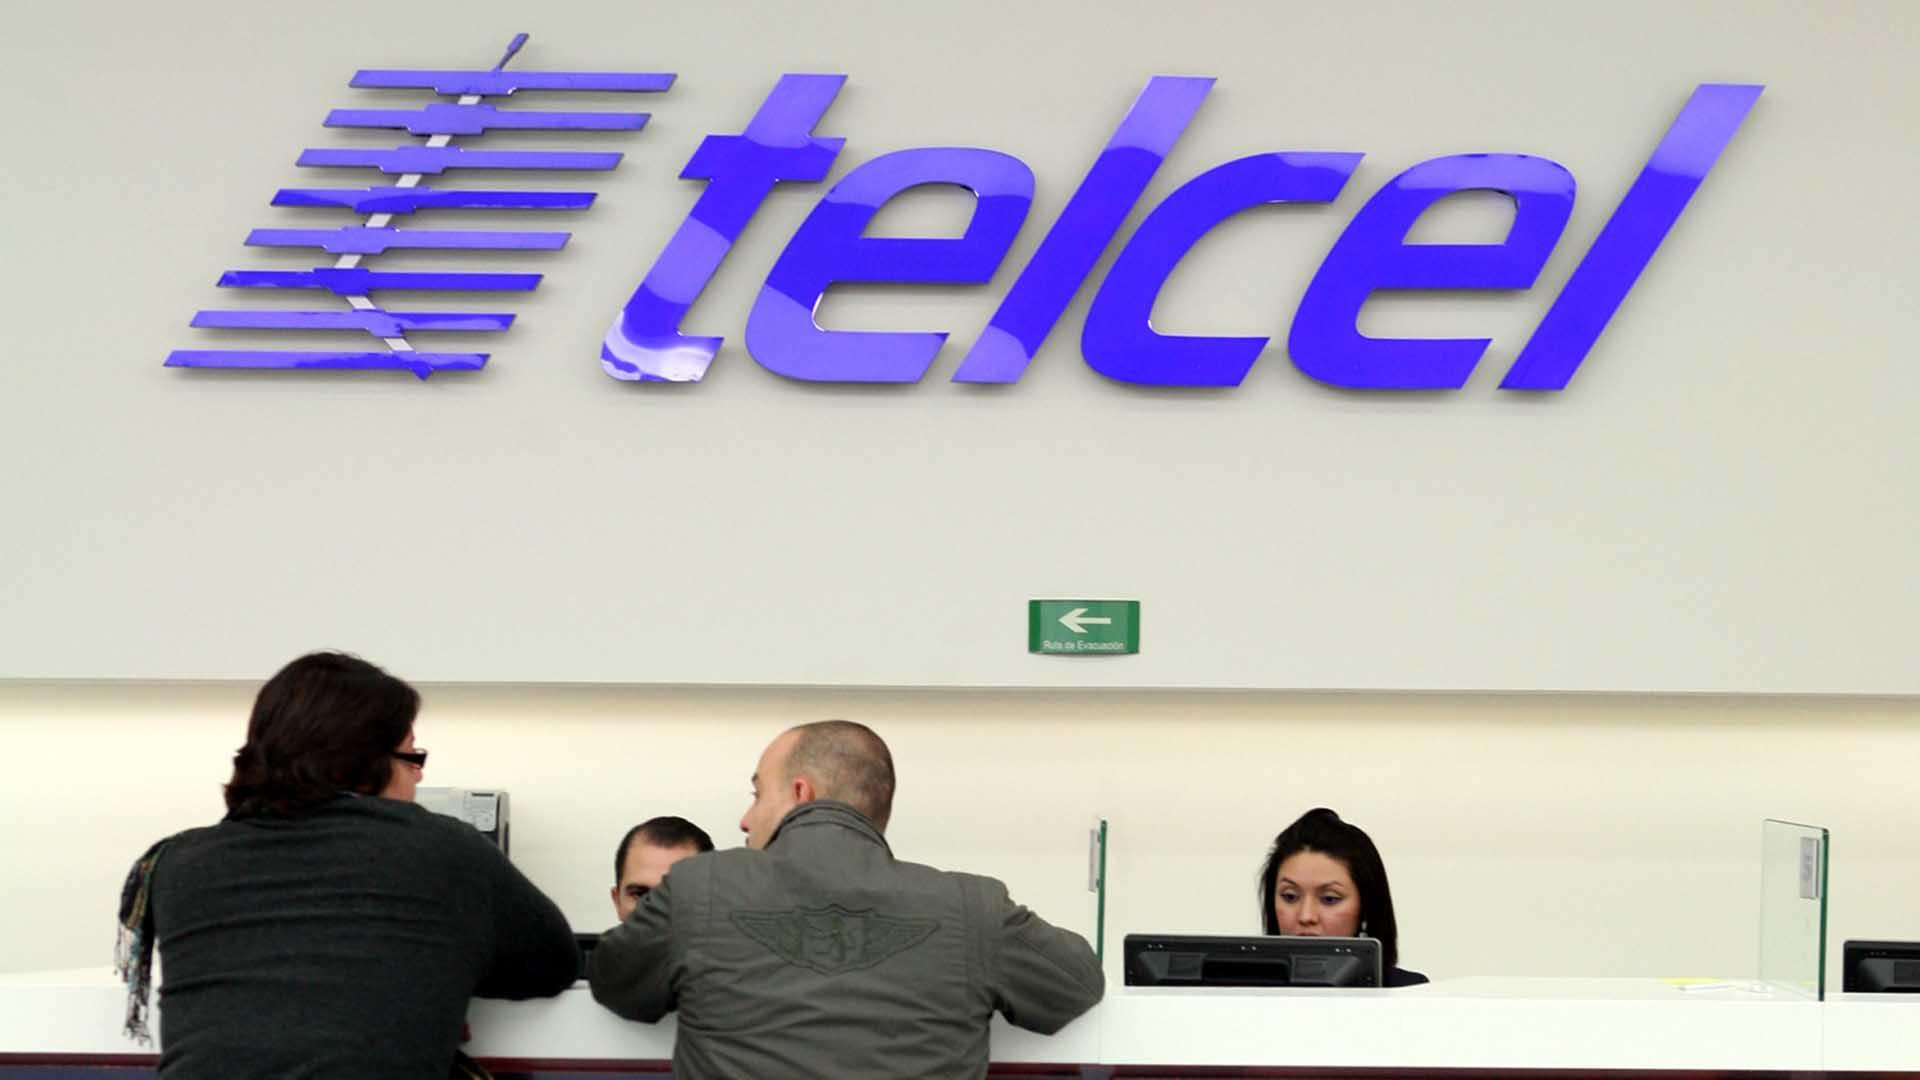 Reportan fallas en la red de Telcel en distintos puntos del país